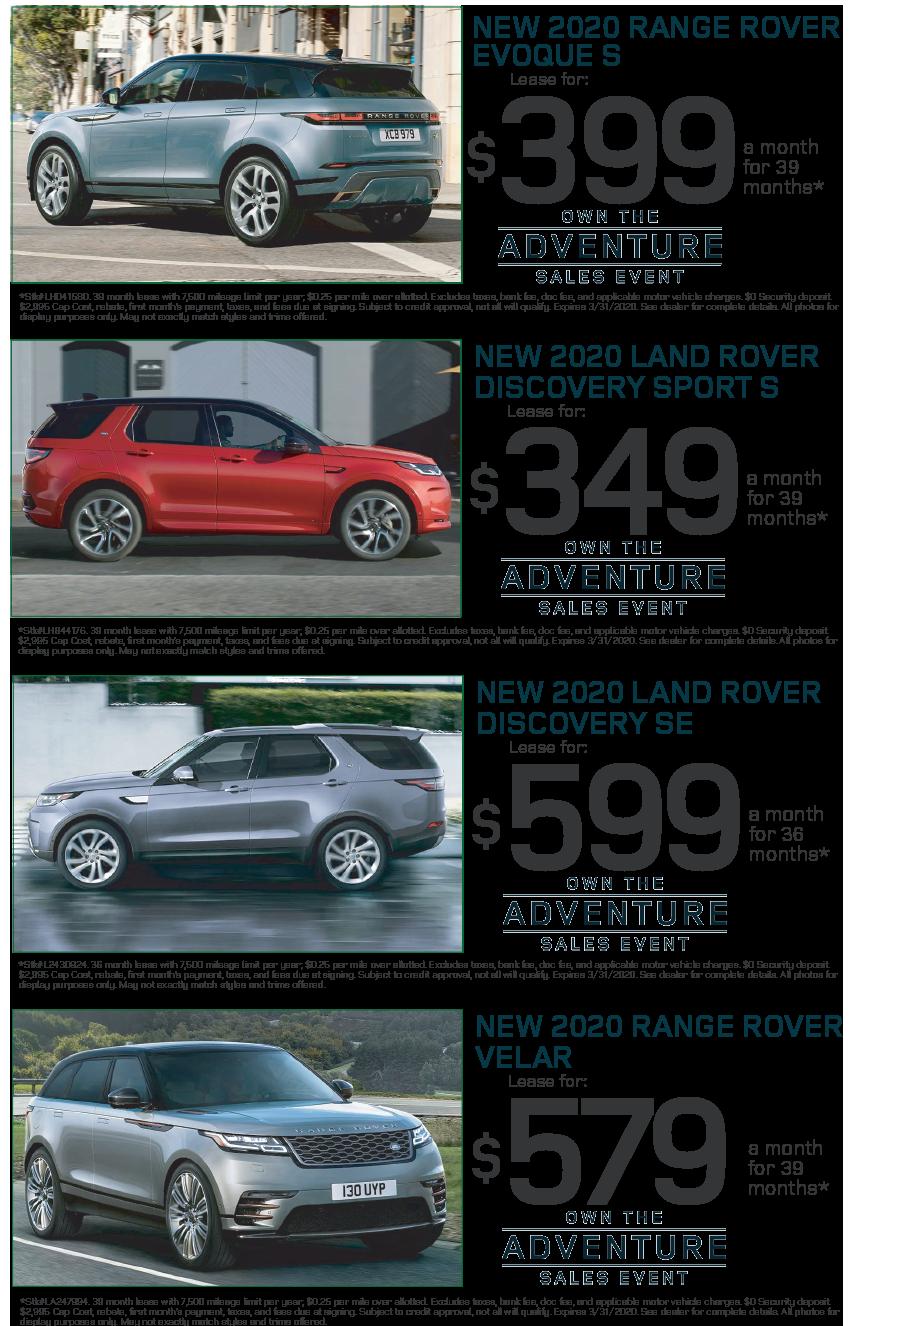 2017 Range Rover Sport Hse Lease Deals